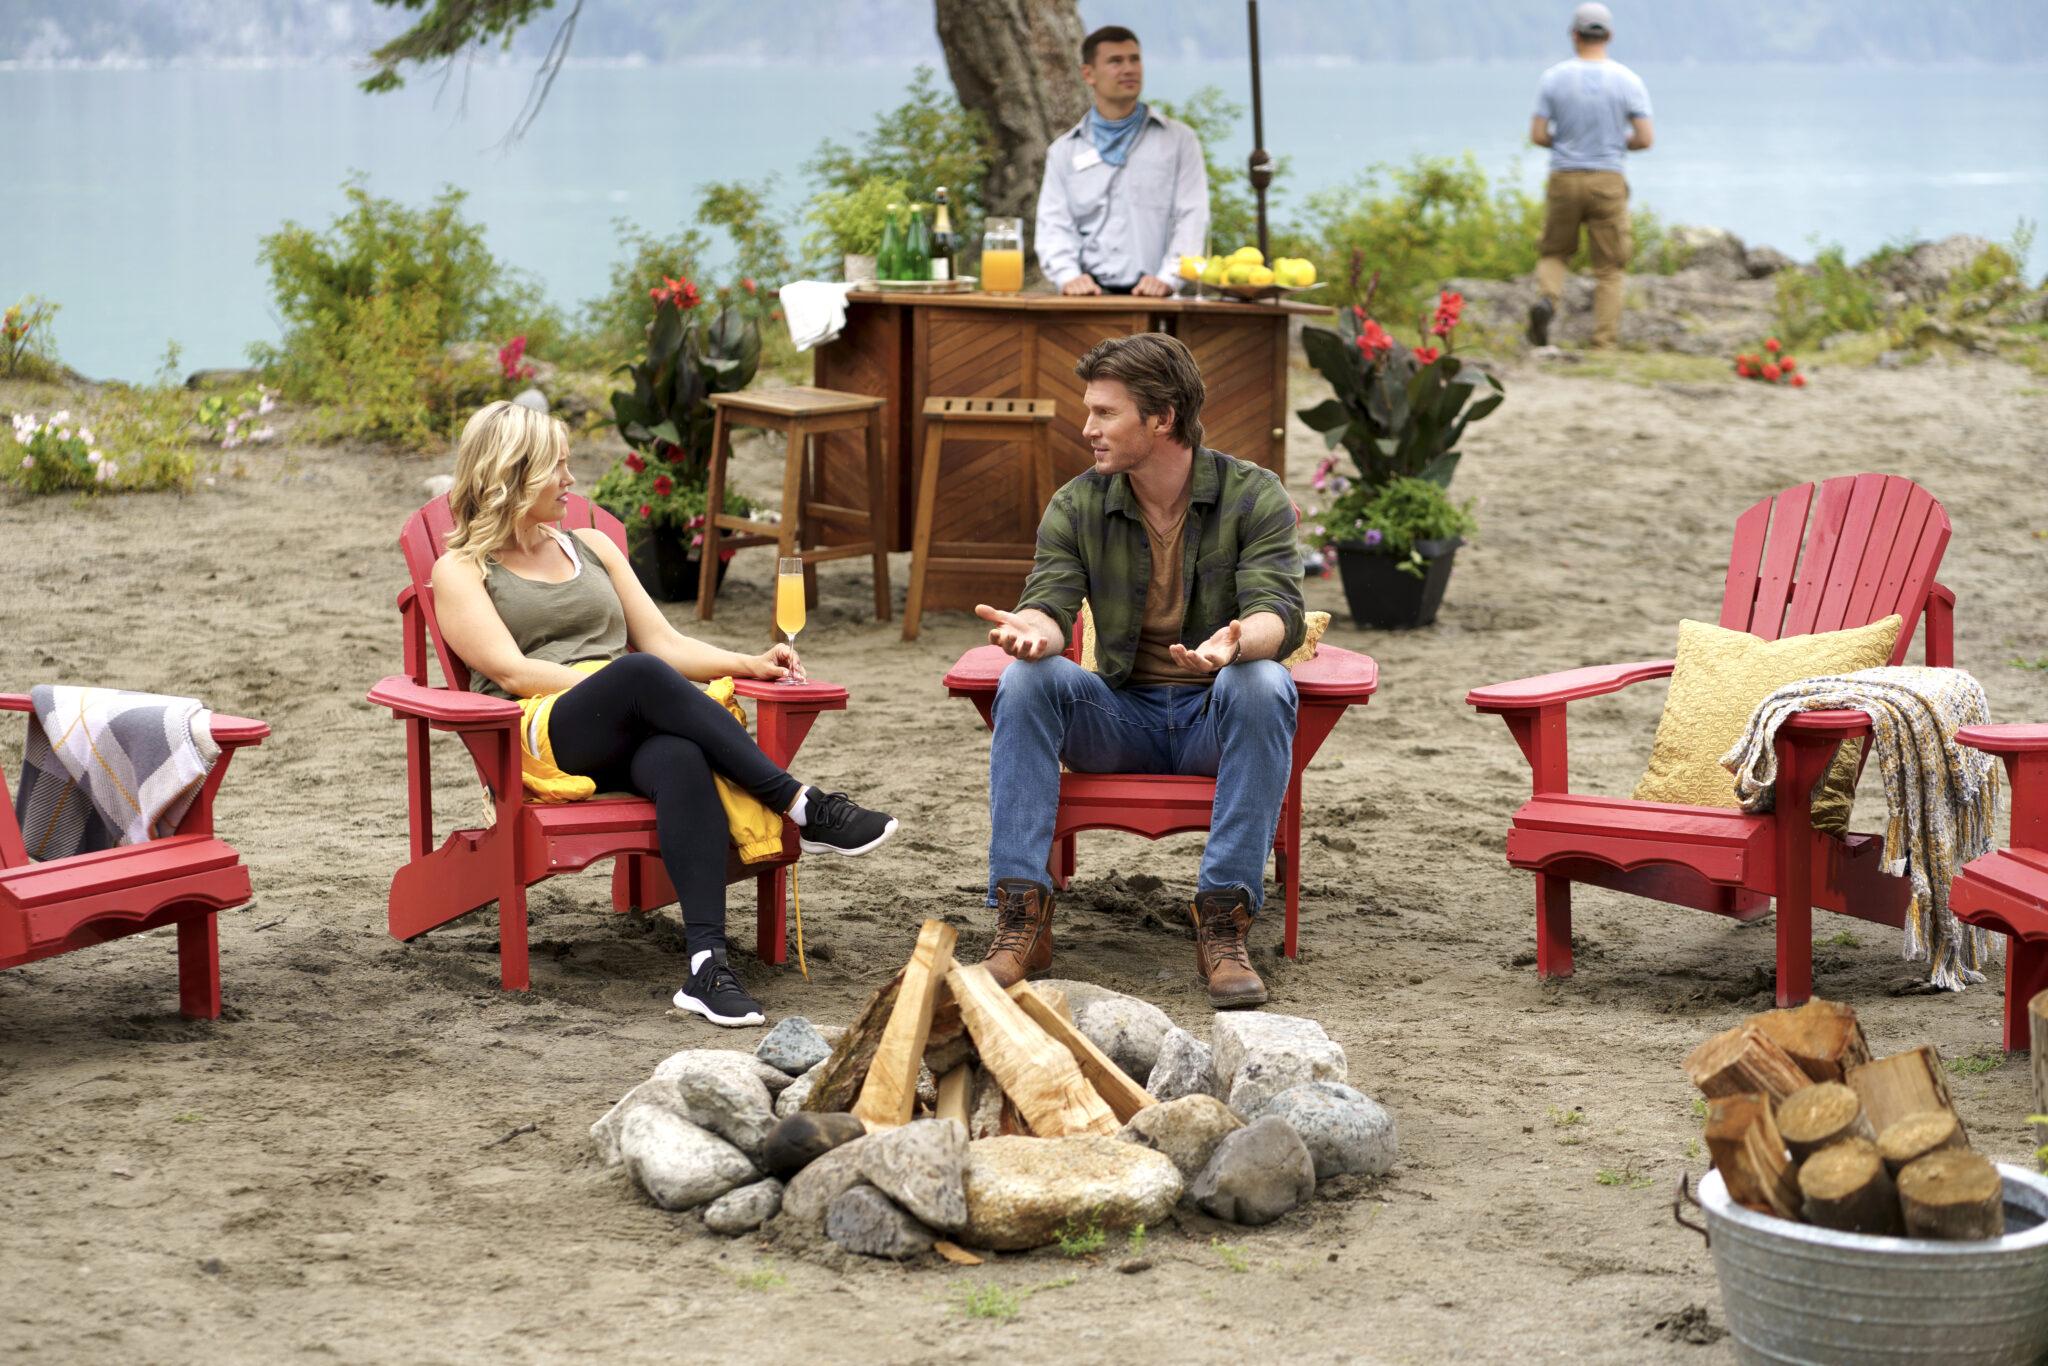 CinemaTivu: Campeggio a 5 stelle (USA/Can 2020), con Emily Ullerup e Christopher Russell, diretto da Marita Grabiak, in prime time su RaiUno